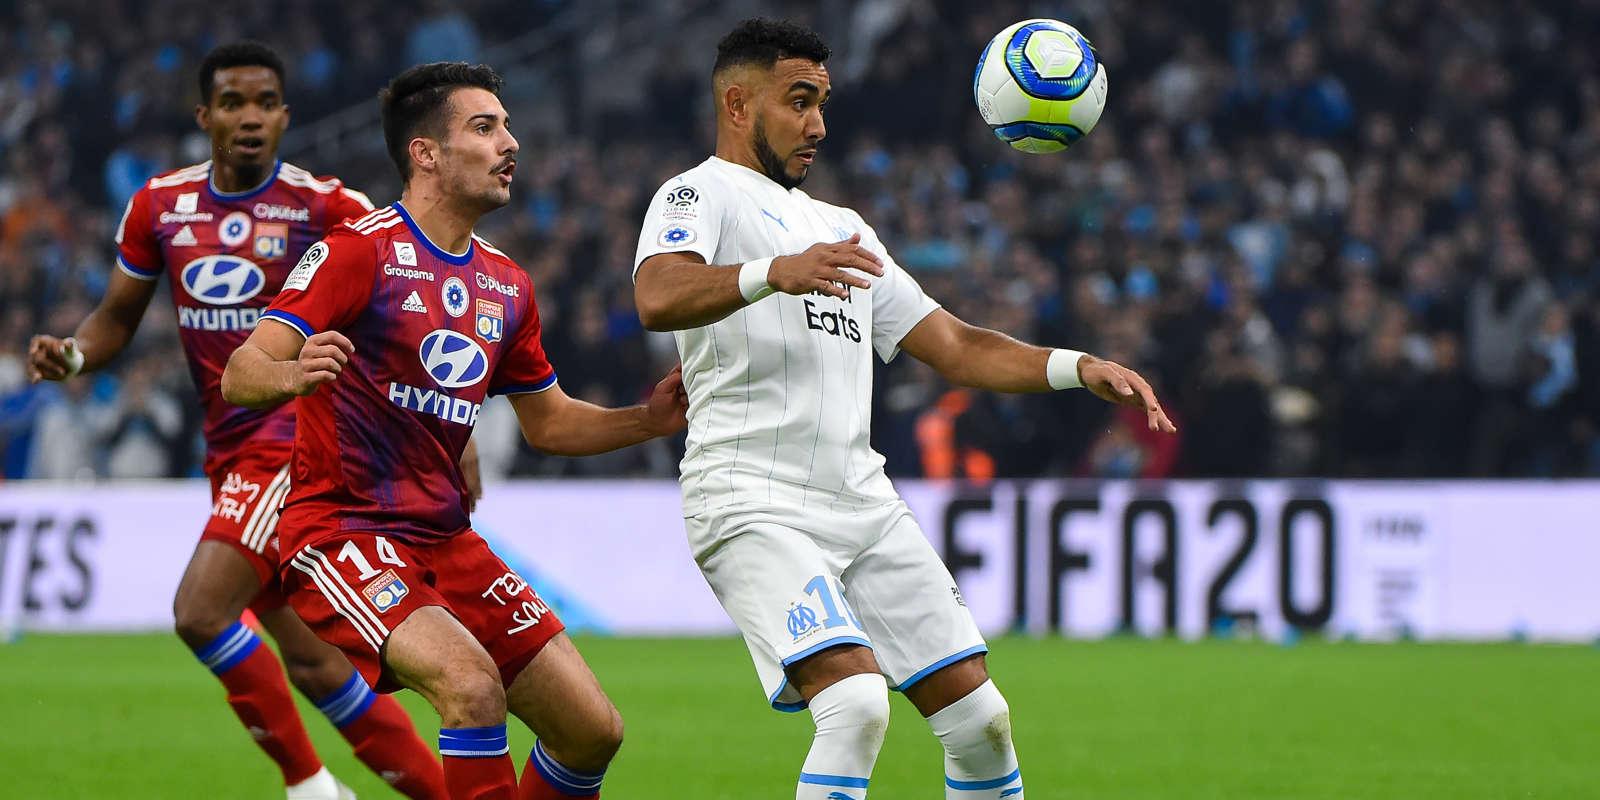 Ligue 1 : l'OM remporte (2-1) le choc contre l'Olympique lyonnais